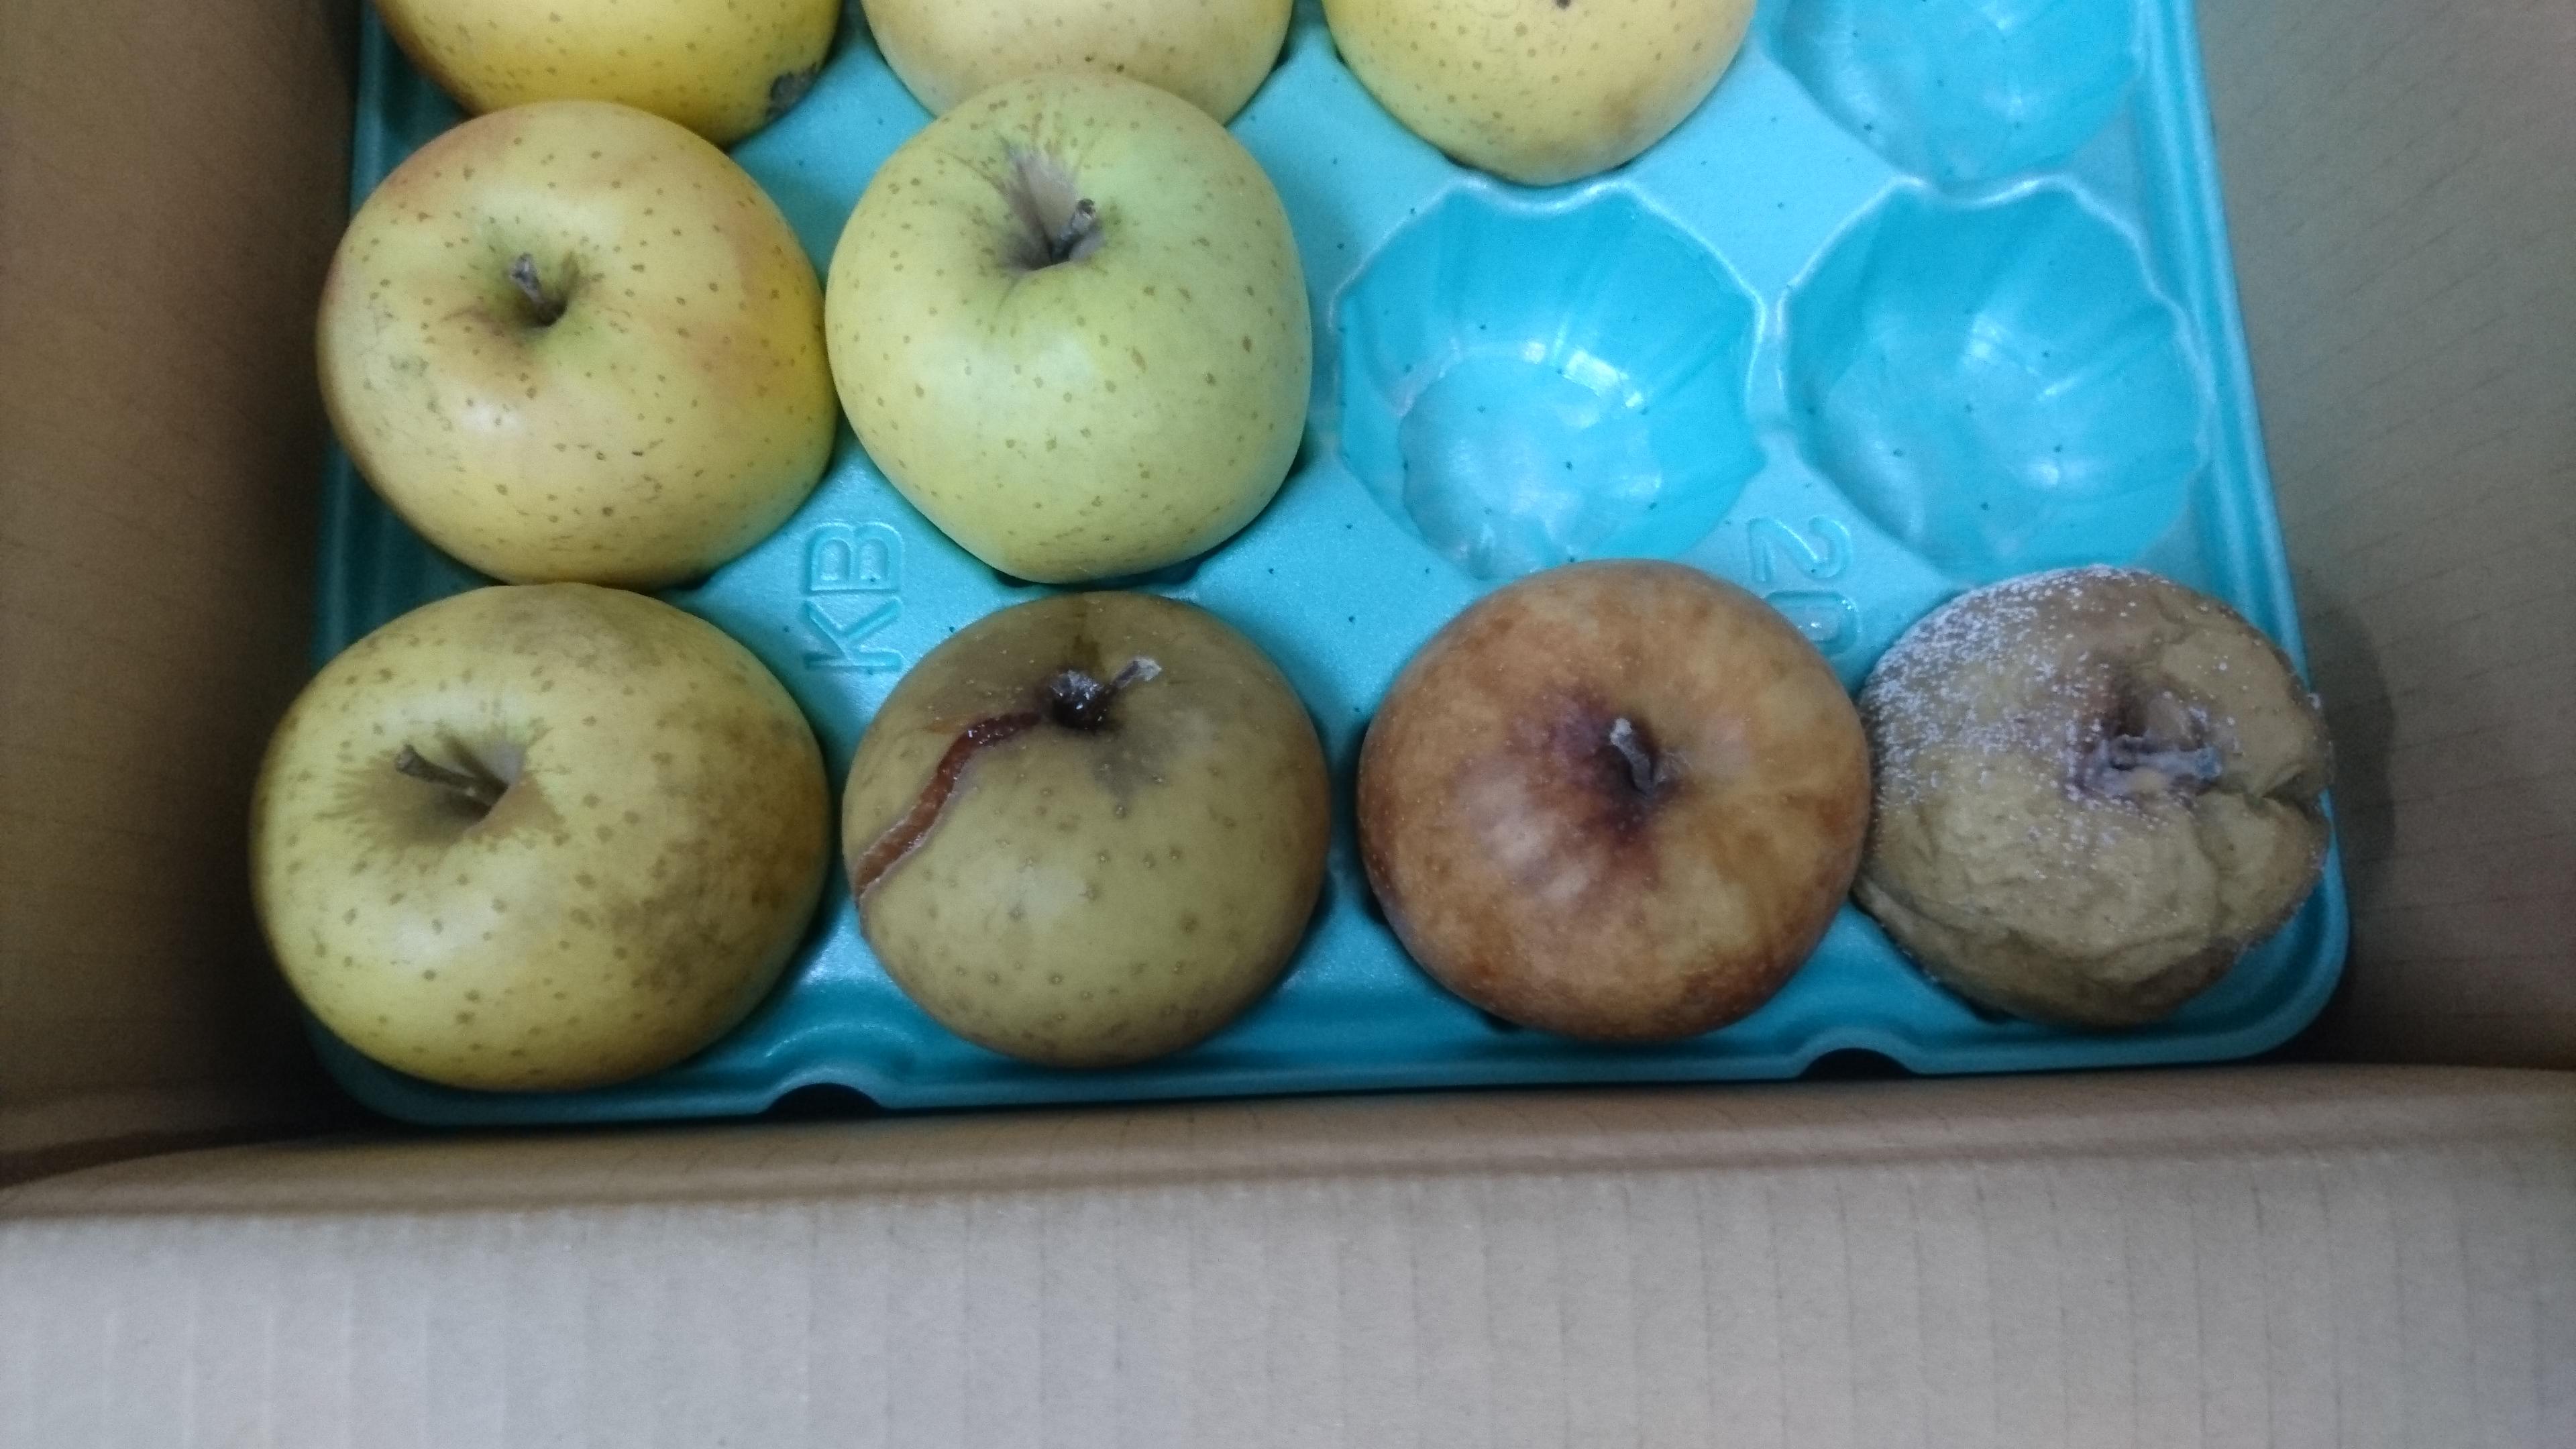 調理室の日常① The rotten apples